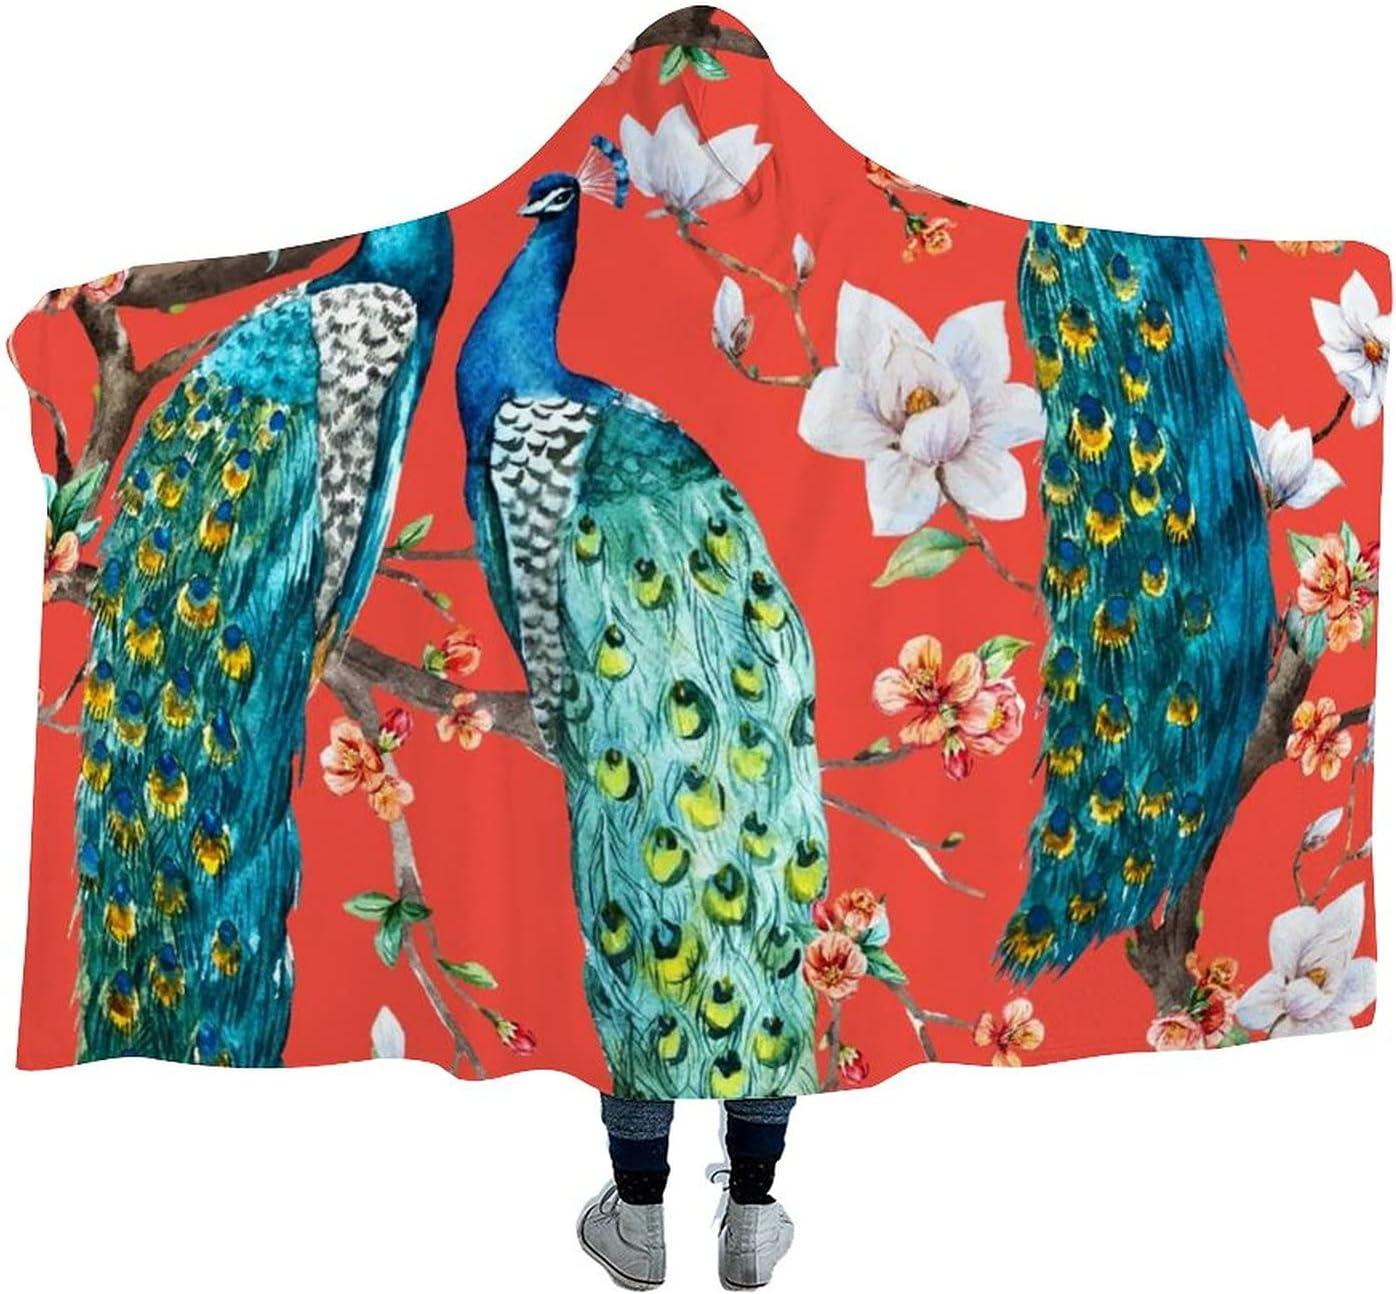 Peacock Wearable Genuine Velvet Hooded Throw Blanket Du Super Warm Max 51% OFF Soft